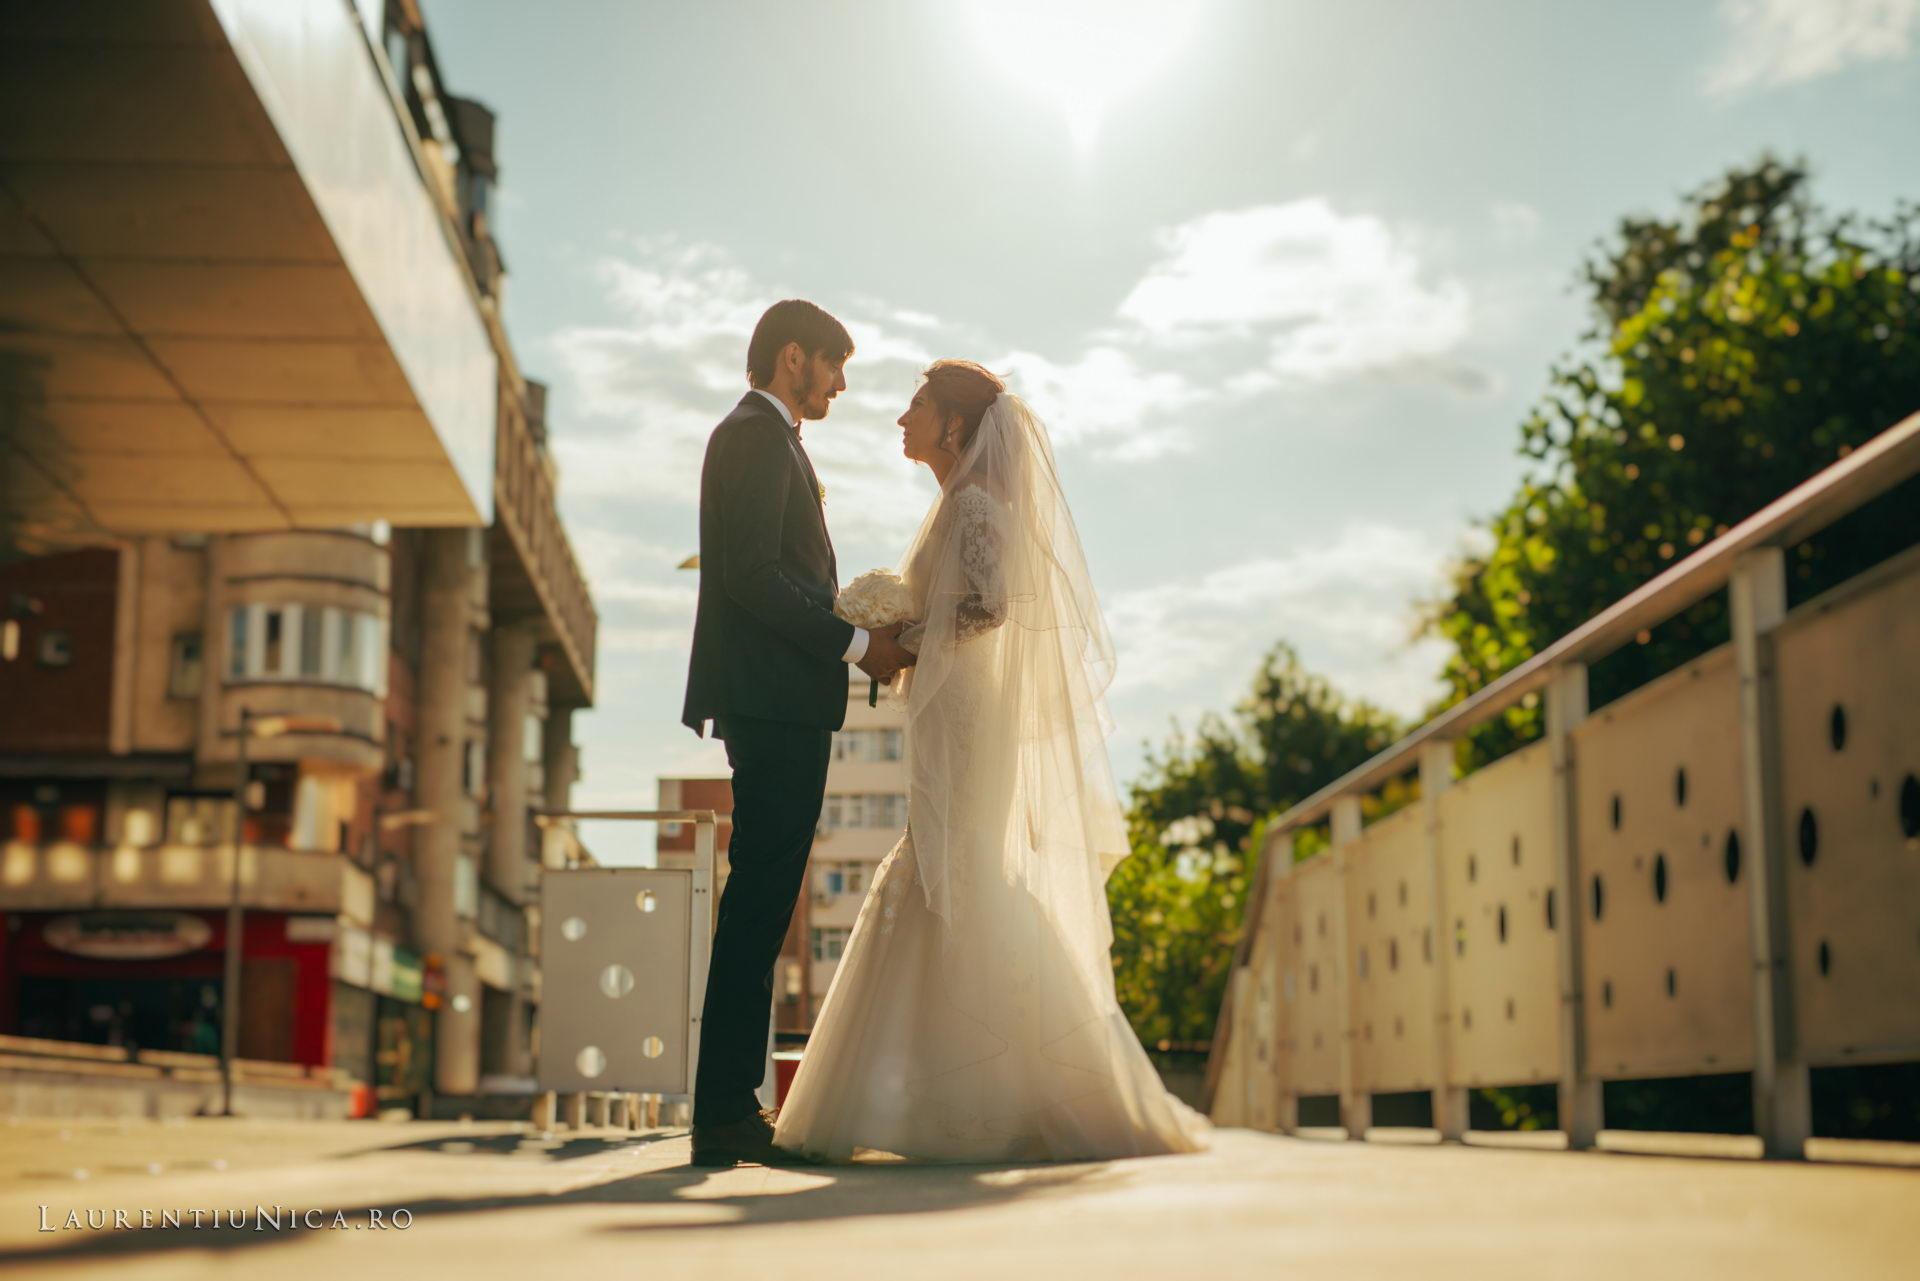 Cristina si Ovidiu nunta Craiova fotograf laurentiu nica 098 - Cristina & Ovidiu | Fotografii nunta | Craiova